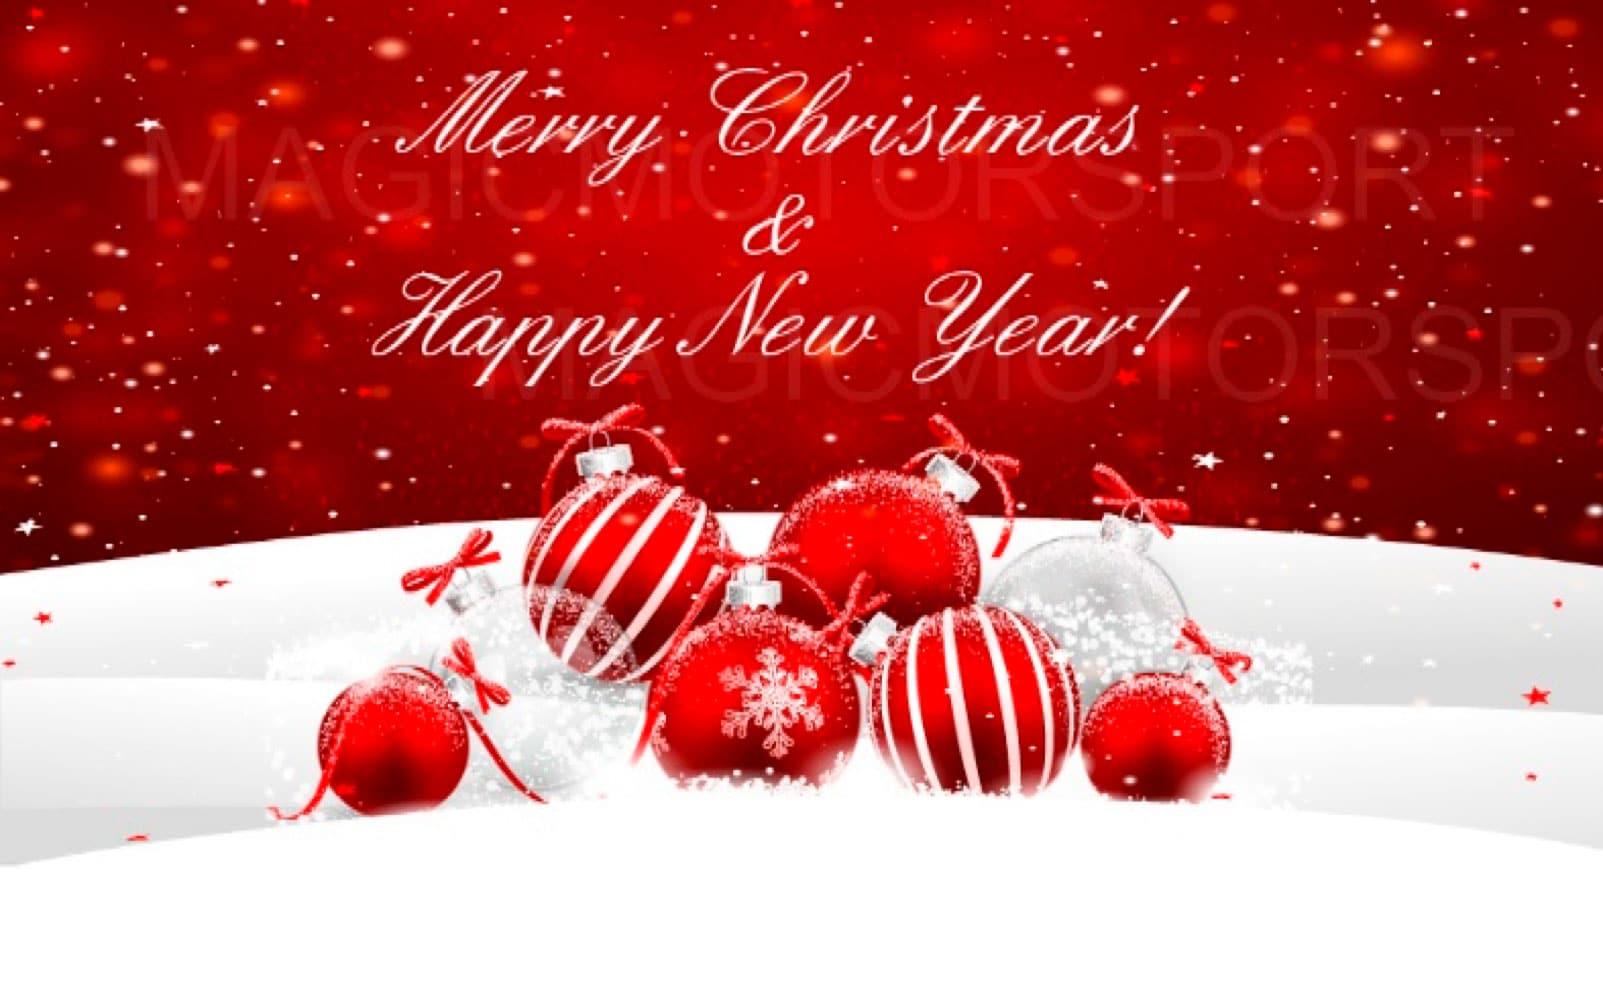 Immagini Natale E Capodanno.Pranzo Di Natale E Capodanno Zero Miglia